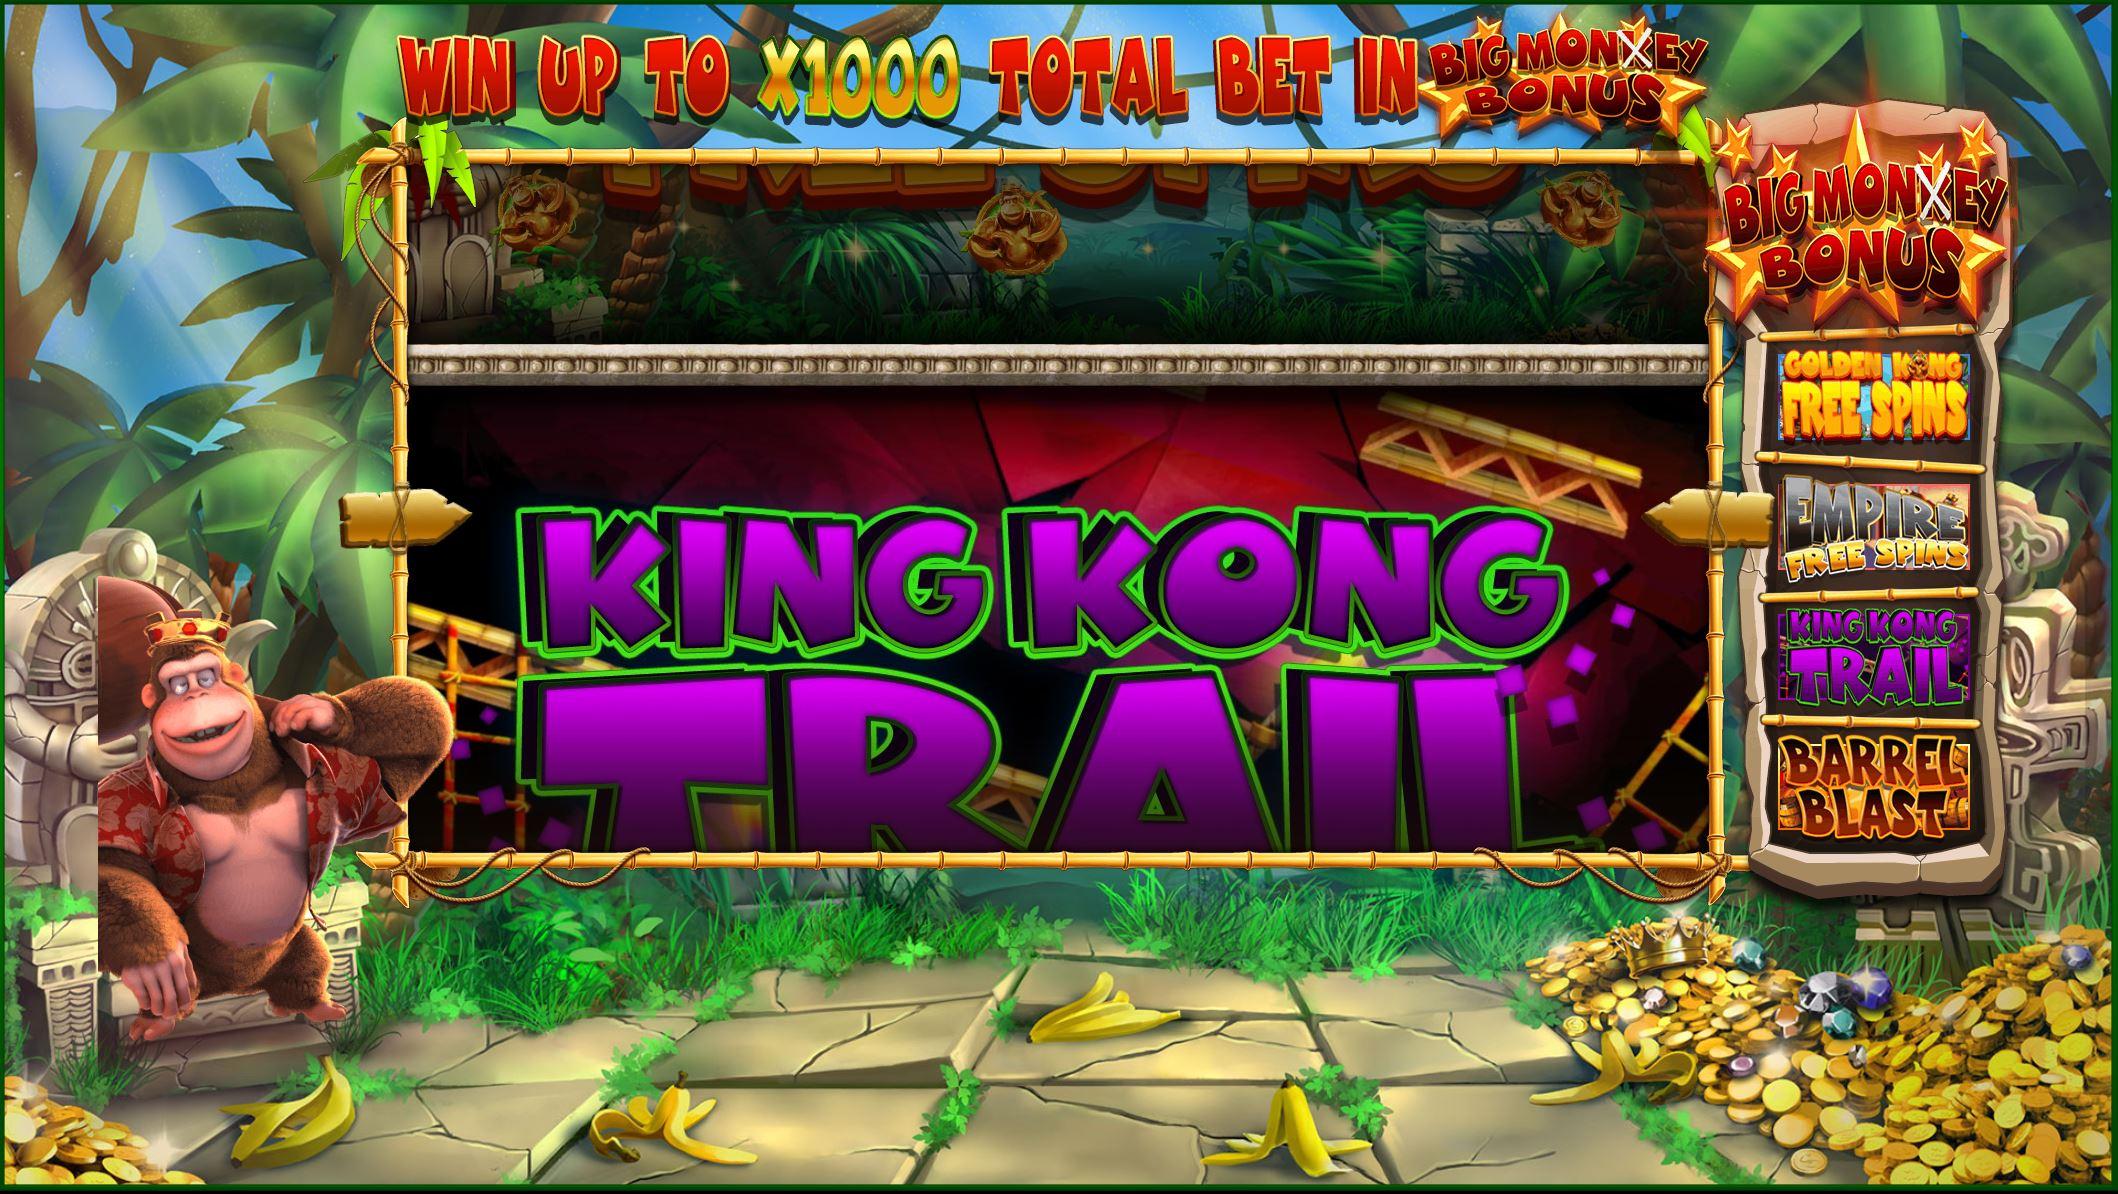 King Kong Cash bonus tombola wheel